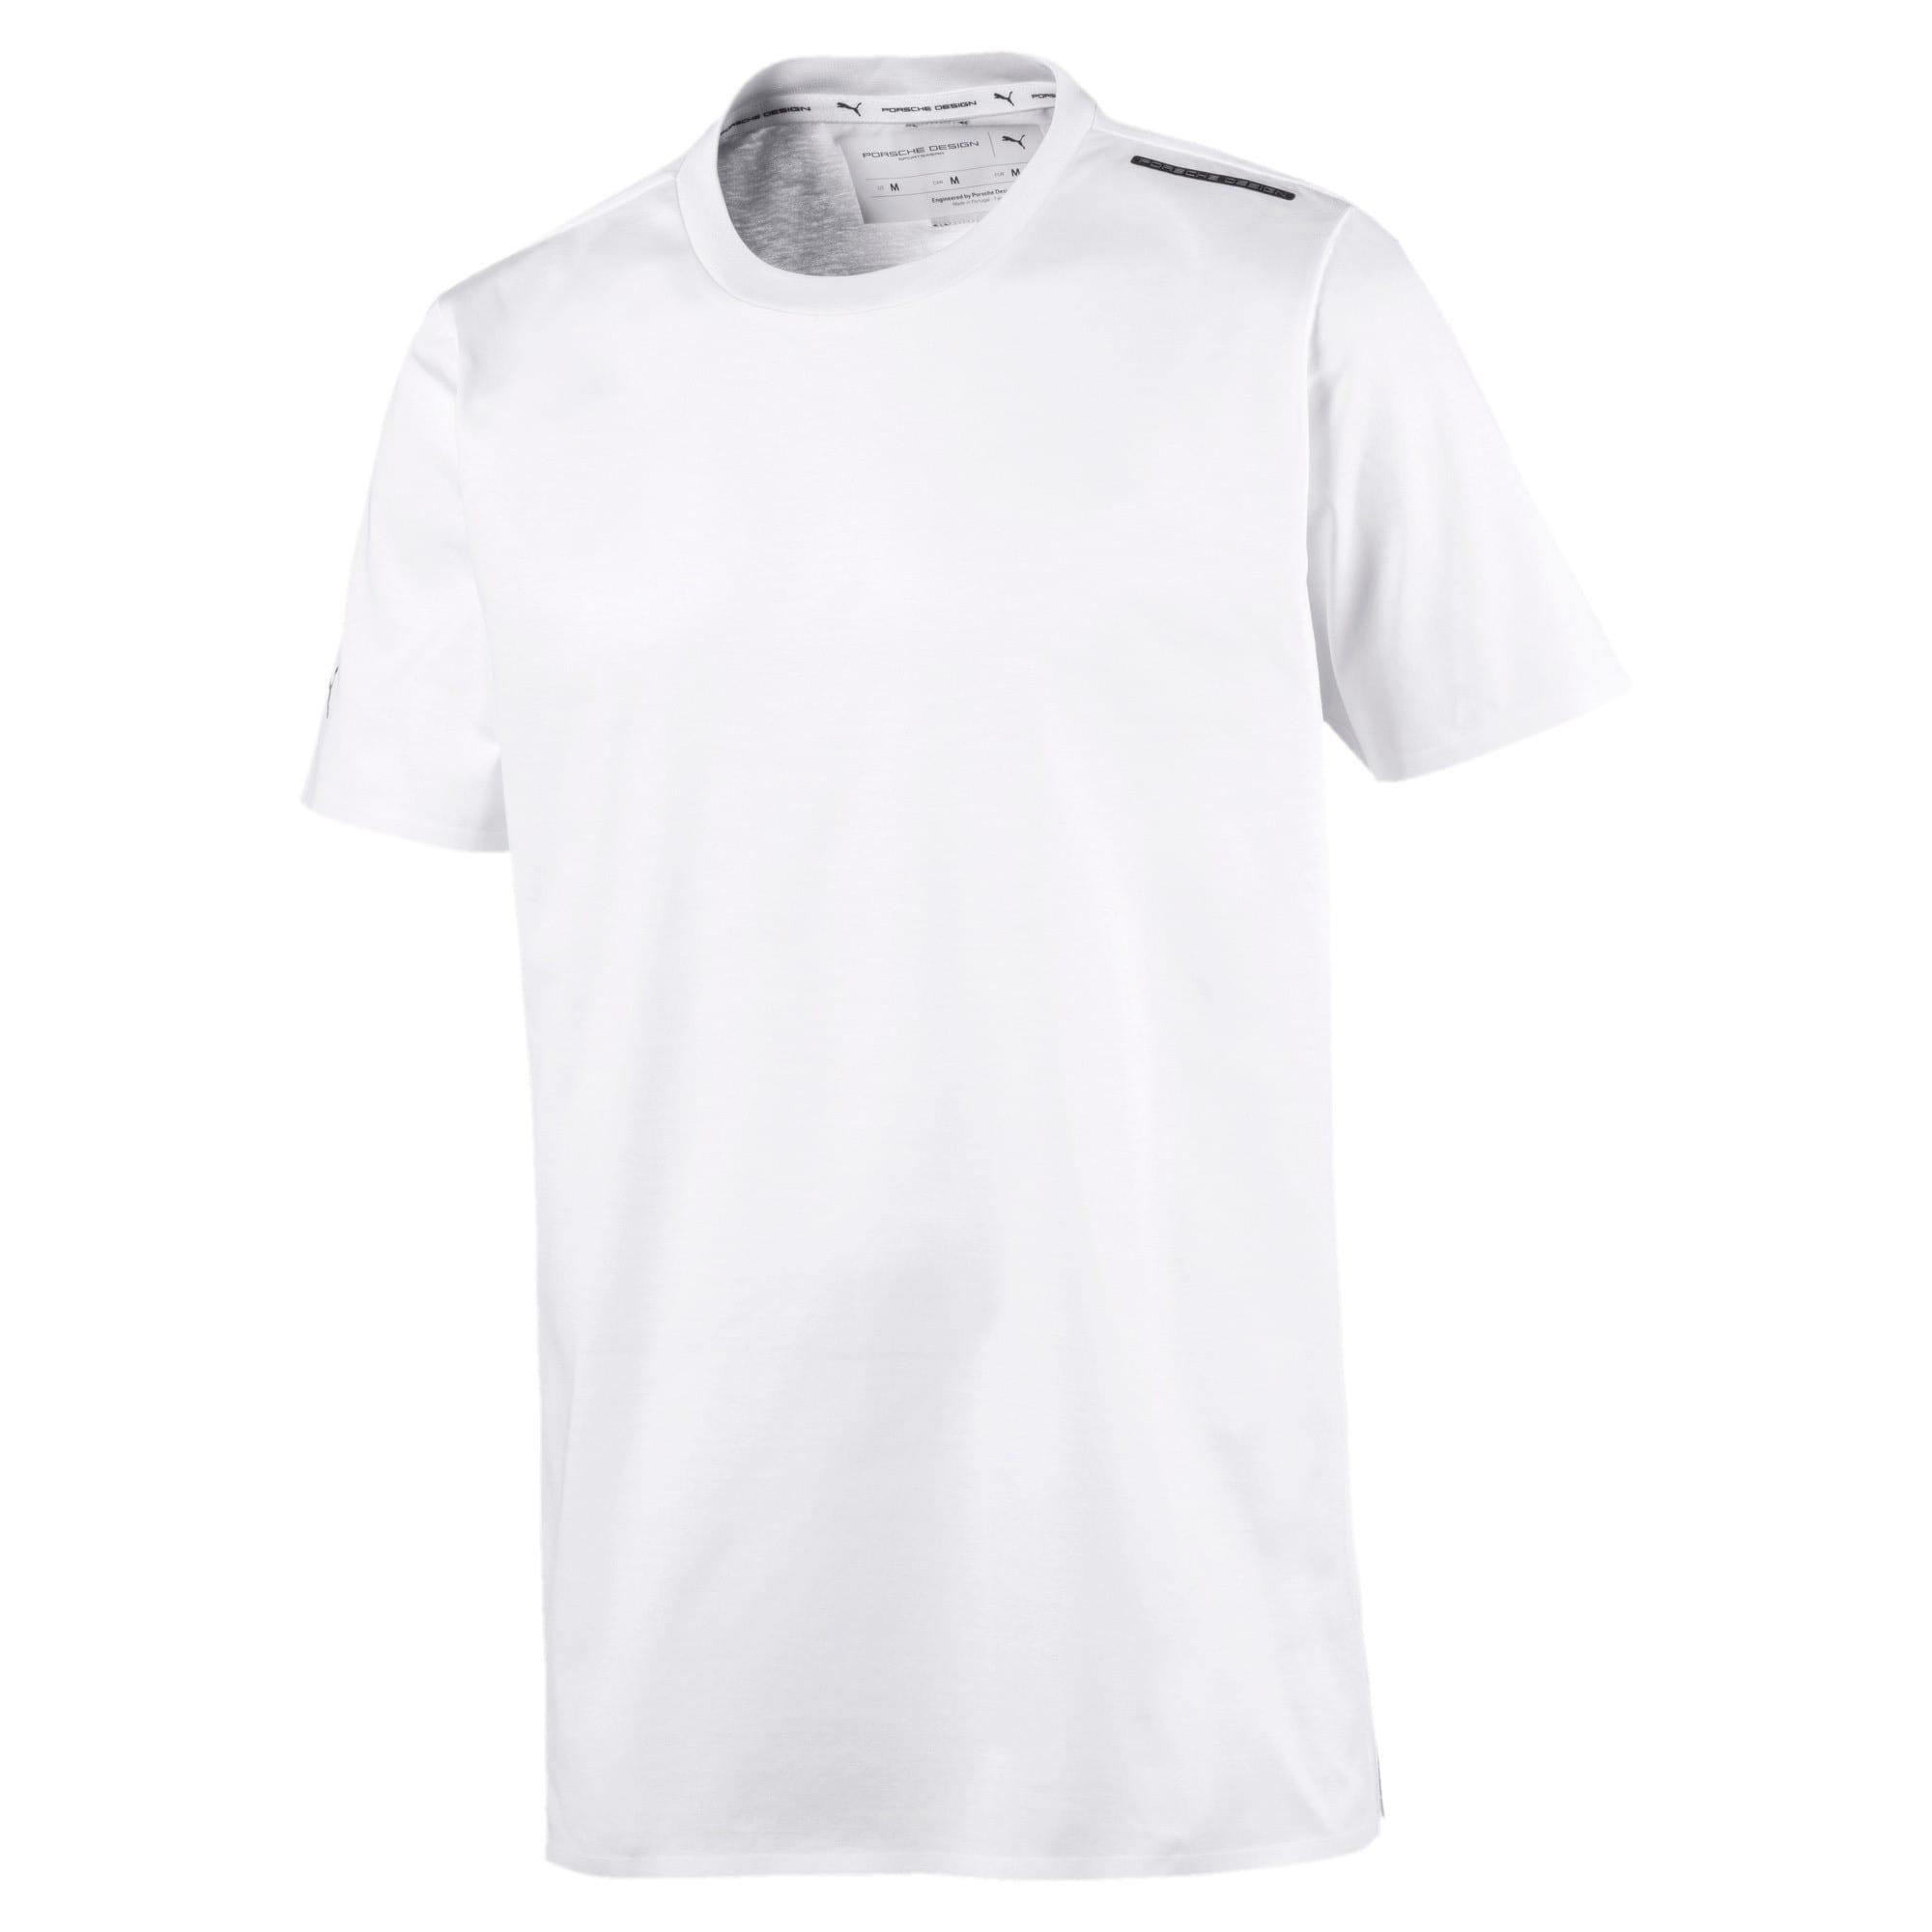 Thumbnail 1 of PORSCHE DESIGN  ライフ Tシャツ, Puma White, medium-JPN